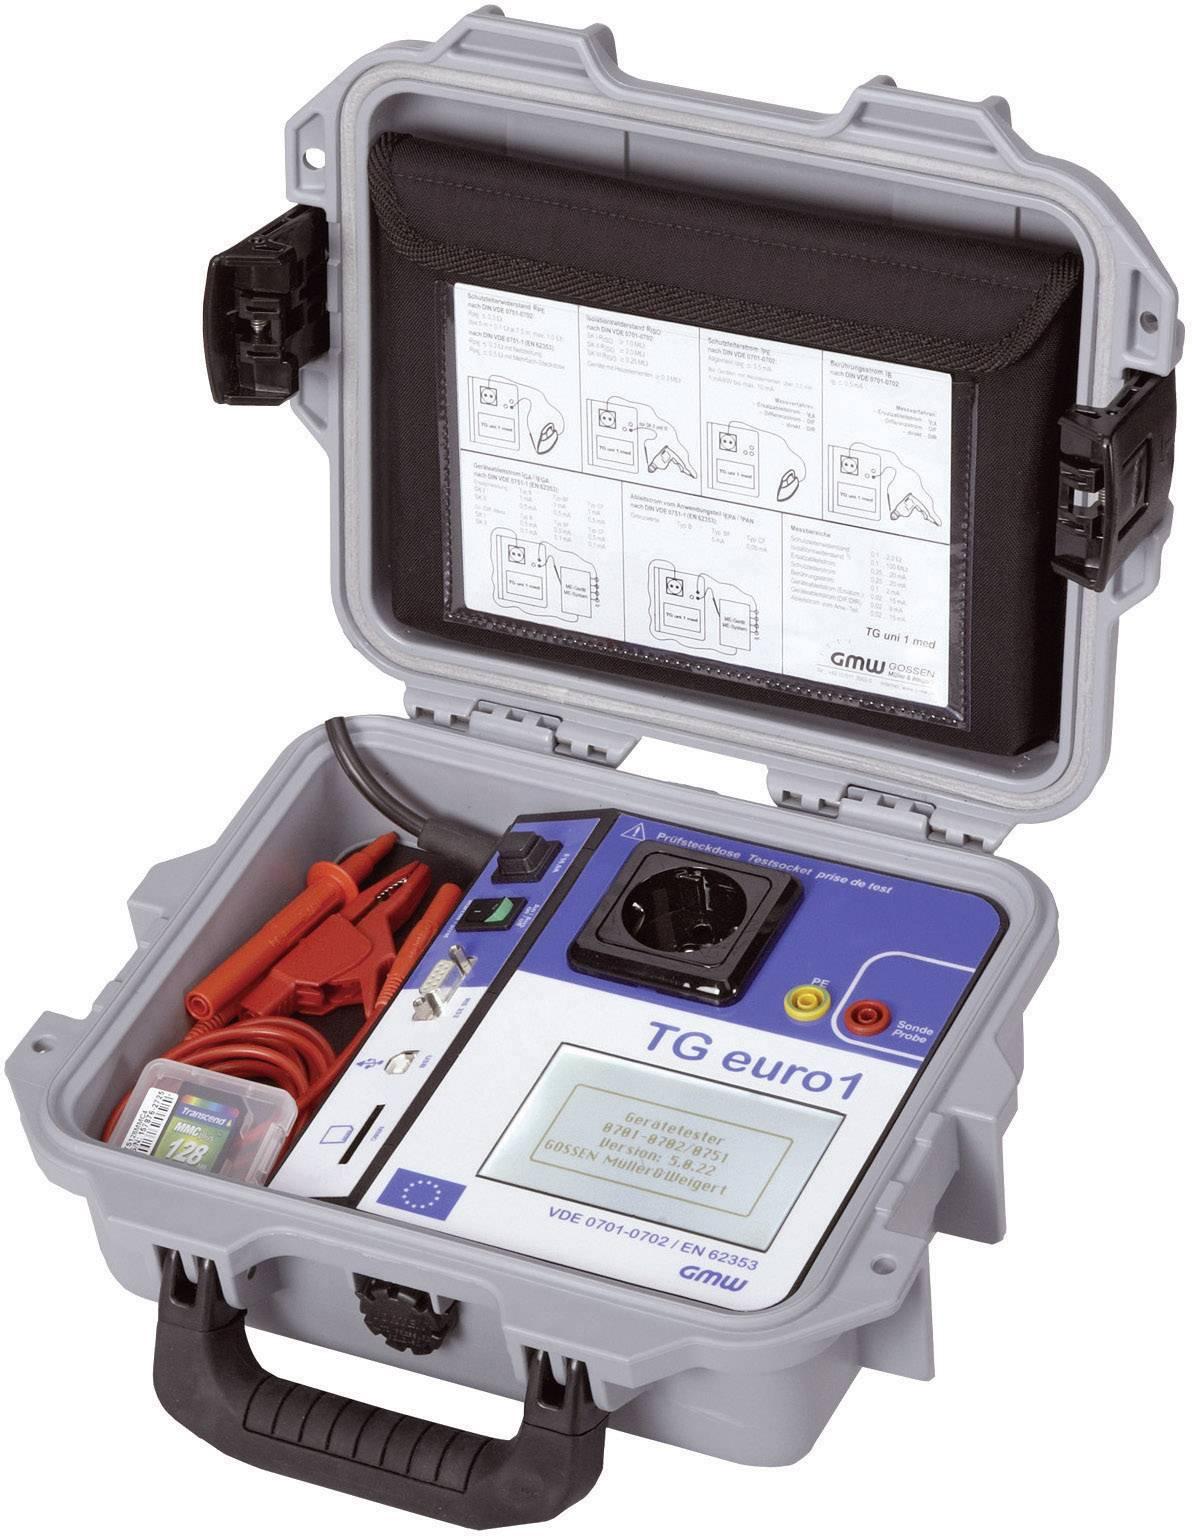 Tester spotrebičov GMW TG euro1 +, 61000 00601